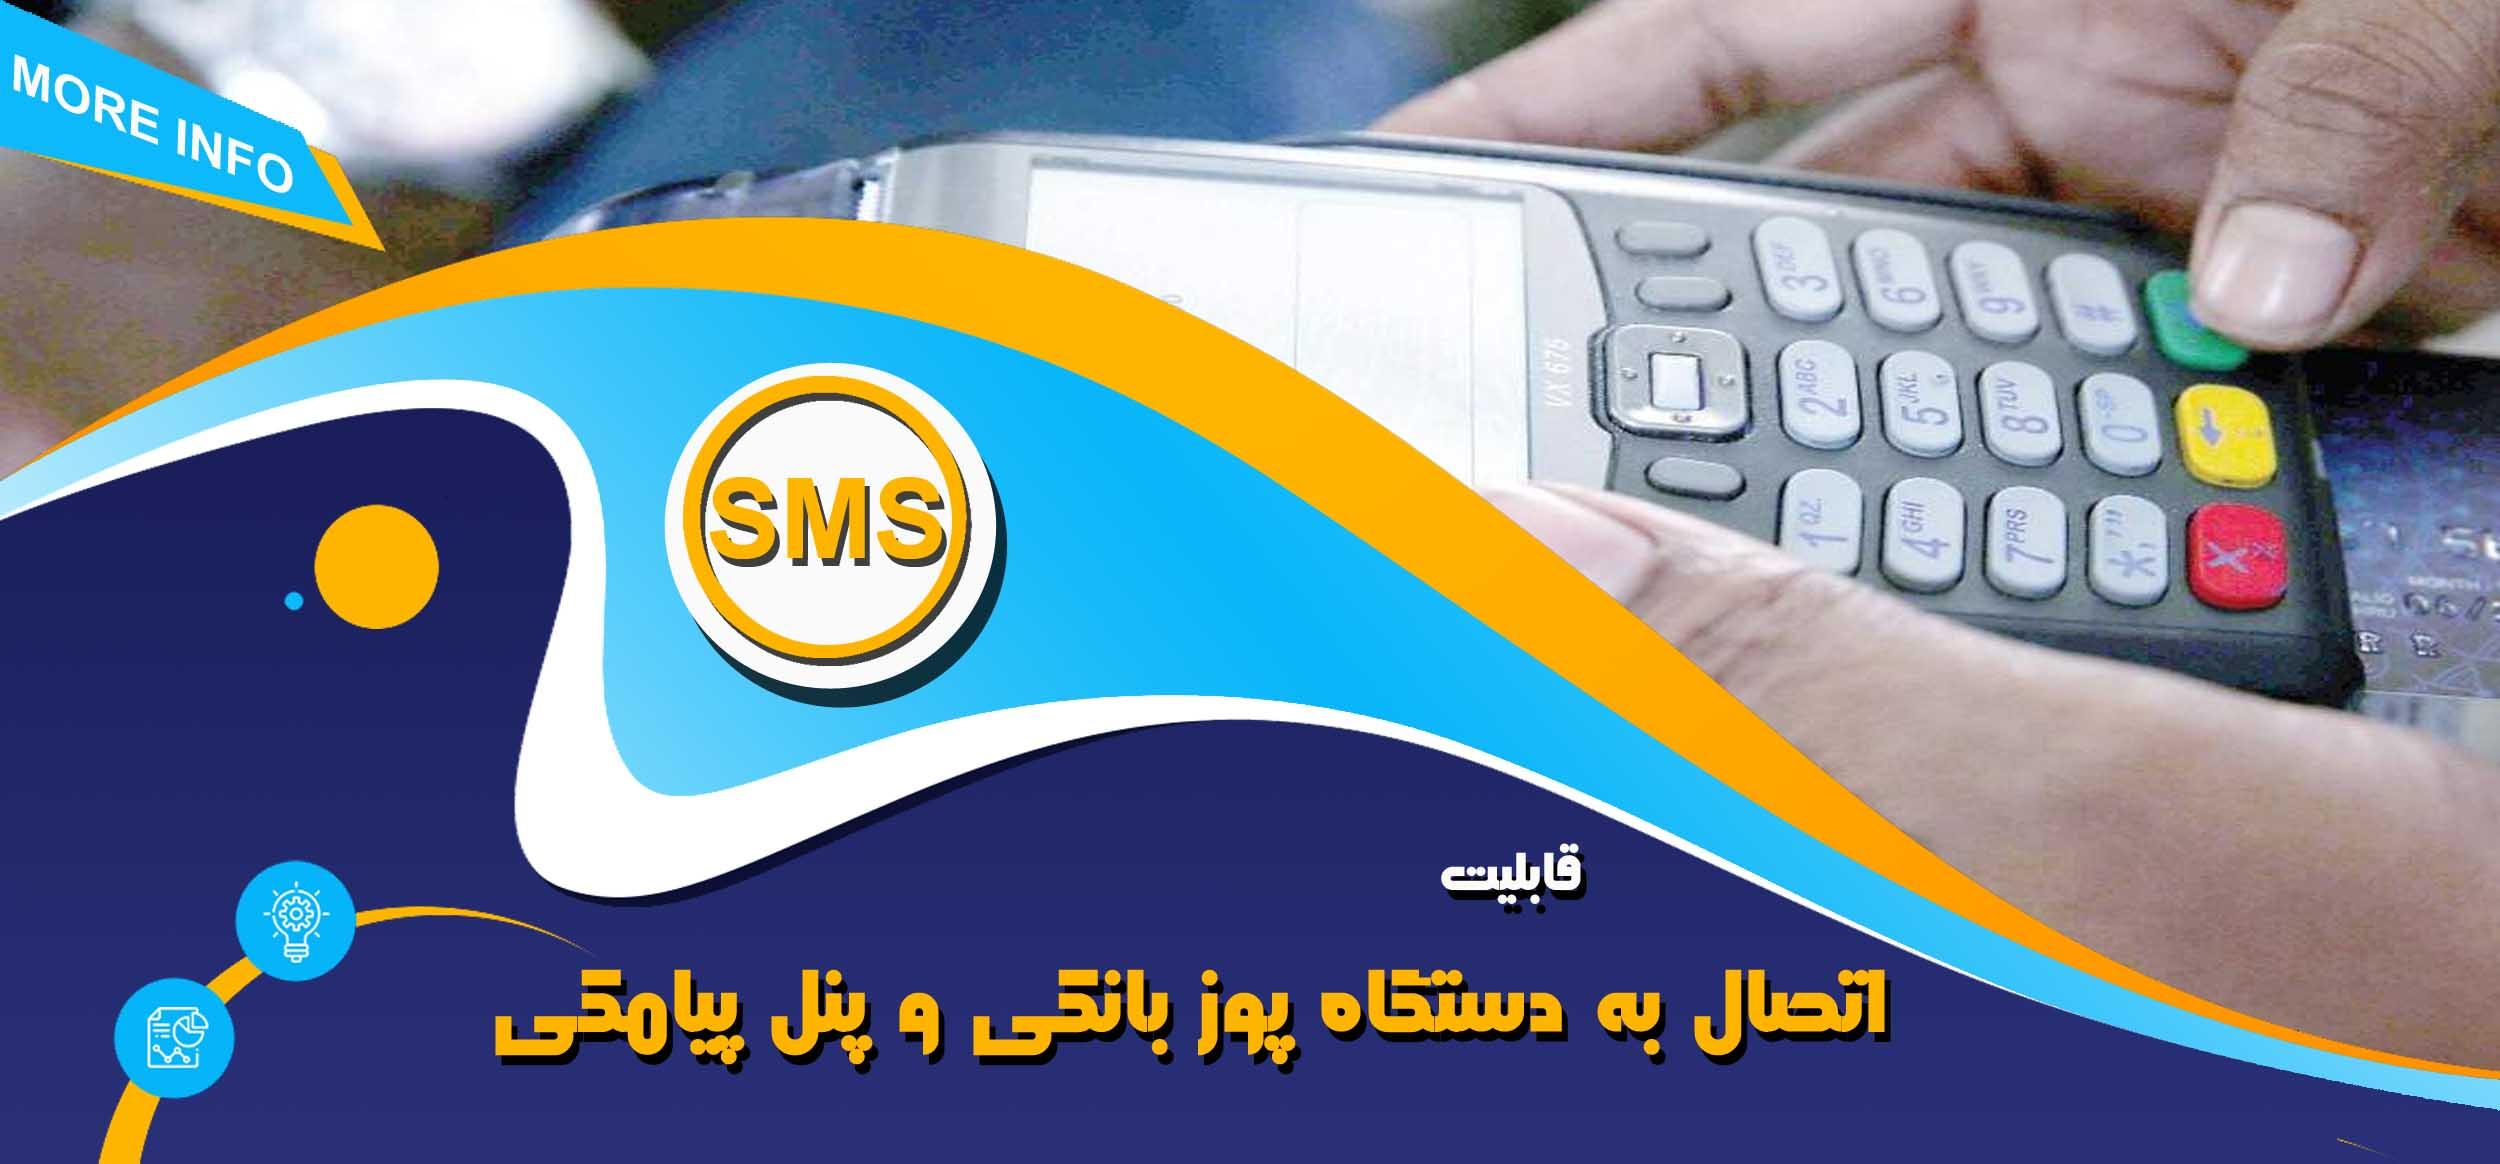 اتصال به دستگاه های جانبی مانند دستگاه پوز بانکی و پنل پیامکی